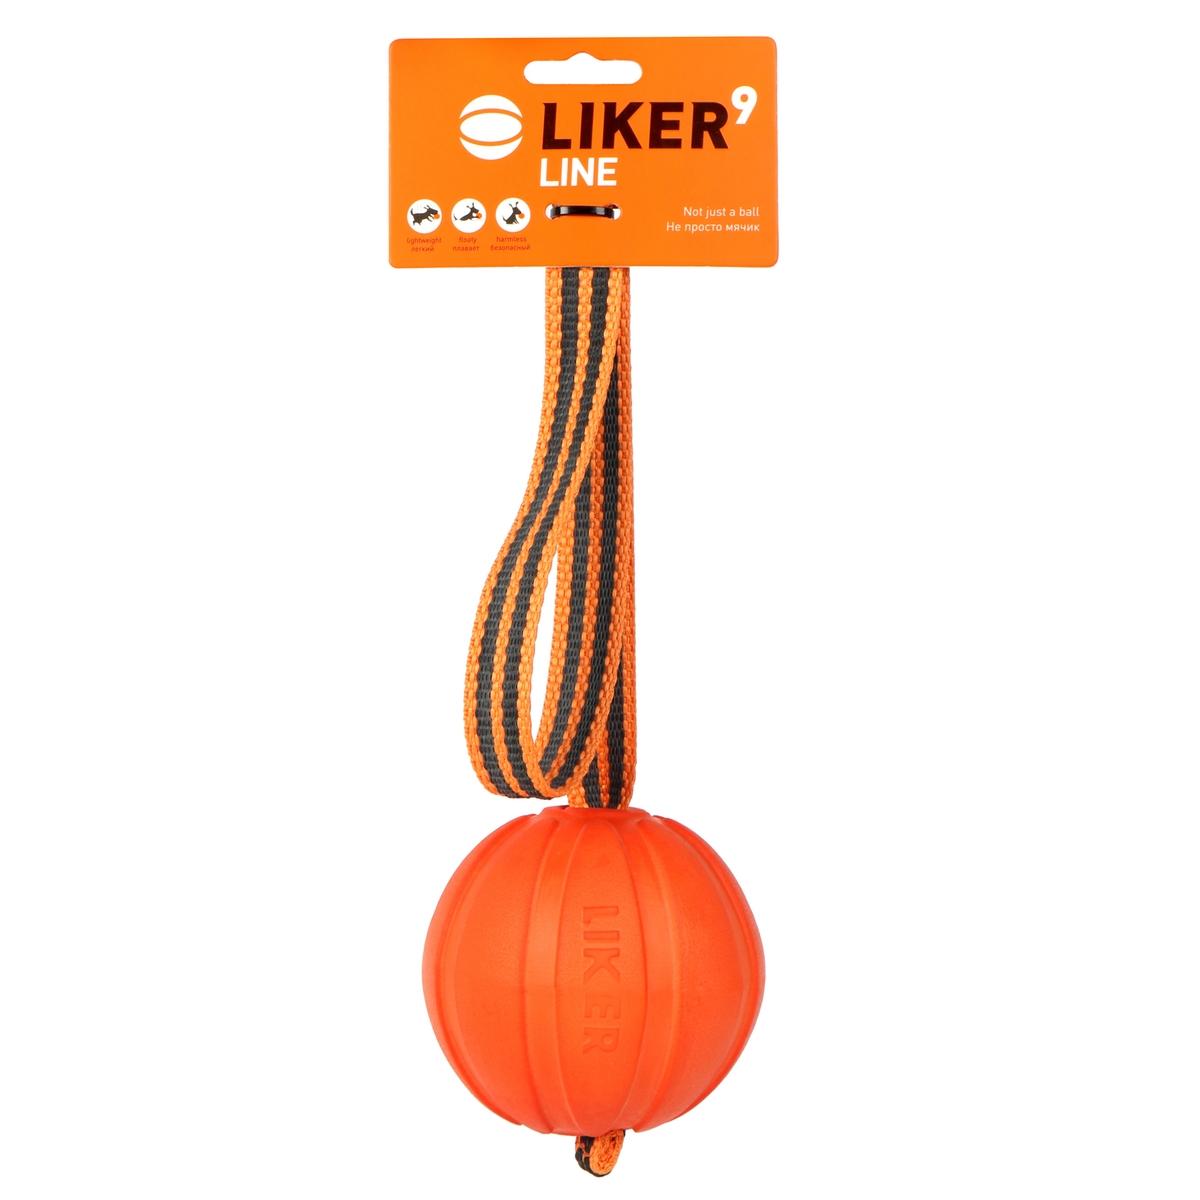 LIKER LINE 9 - Kwispeltherapie